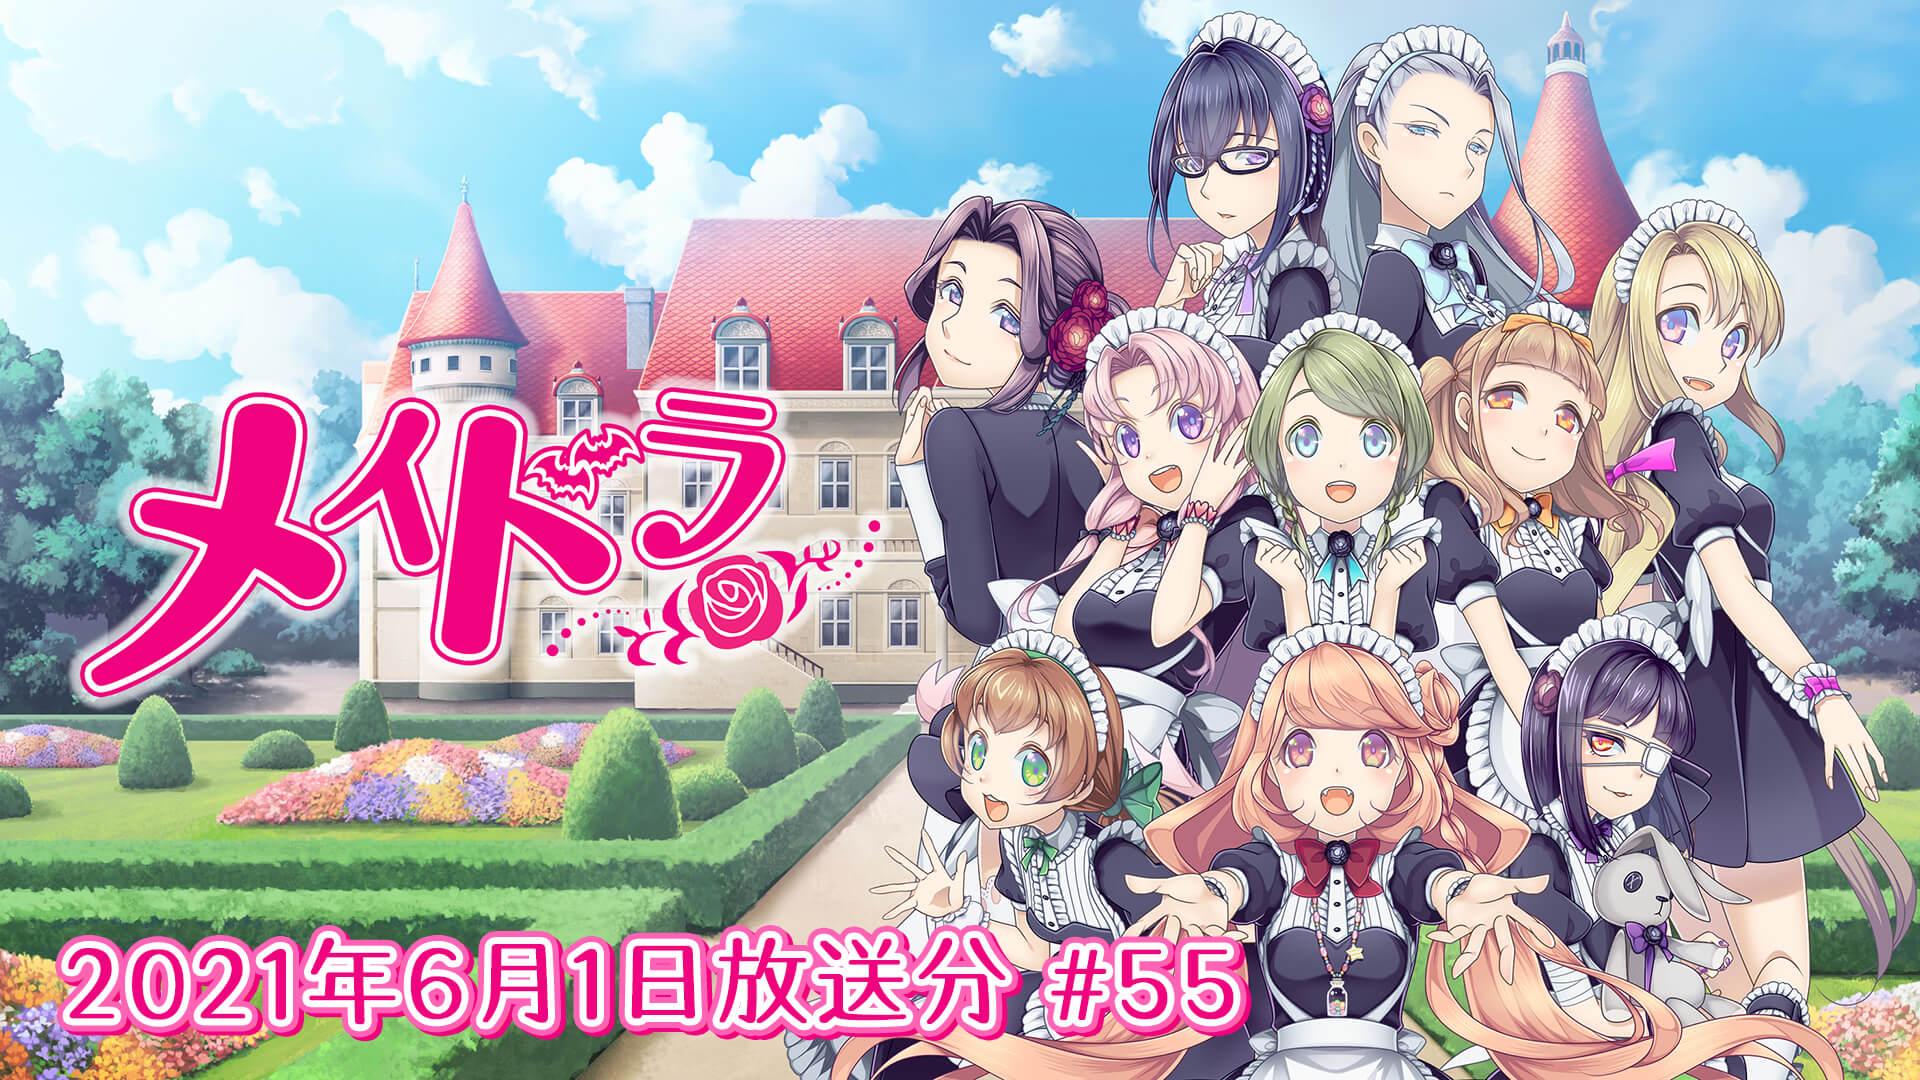 メイドラ 第55回 (2021年6月1日放送分)